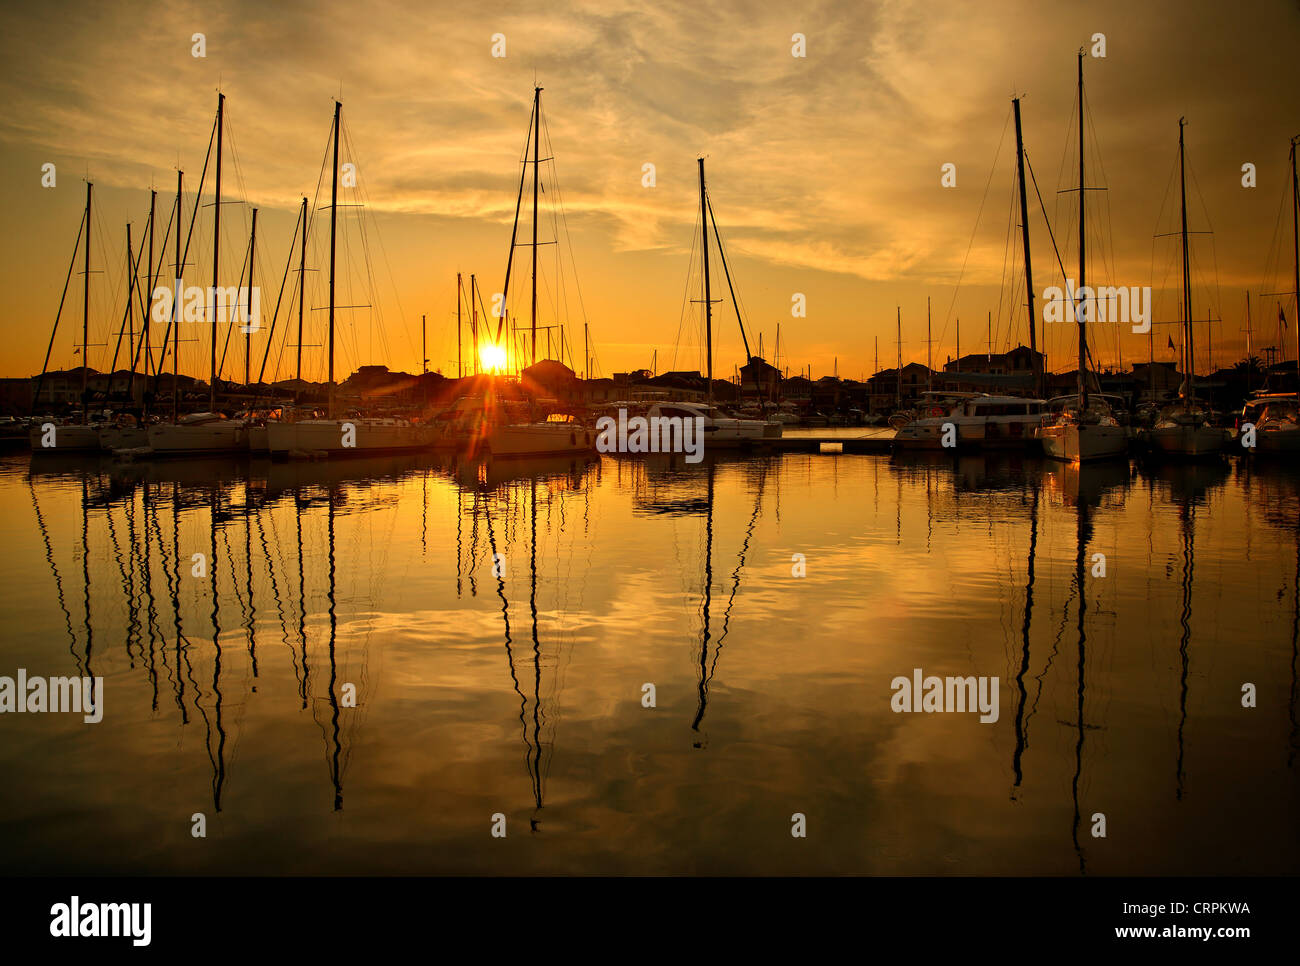 Sunset at the marina in Lefkada (or 'Lefkas') town, Lefkada island, Ionian Sea, Eptanisa ('Seven Islands'), - Stock Image